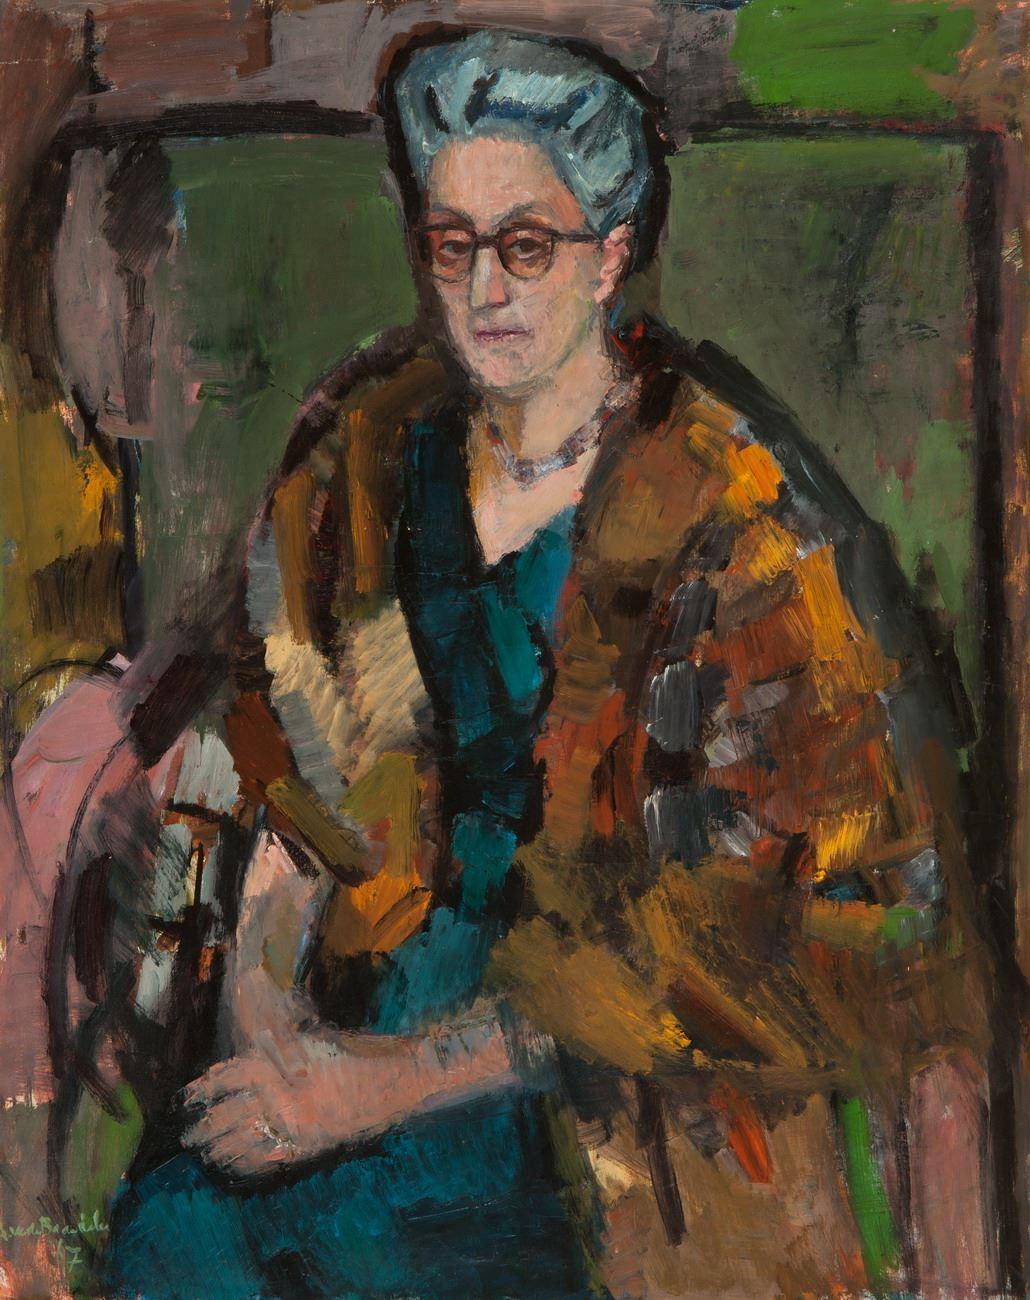 Portret II mevrouw Van Pallandt-Del Court van Krimpen.